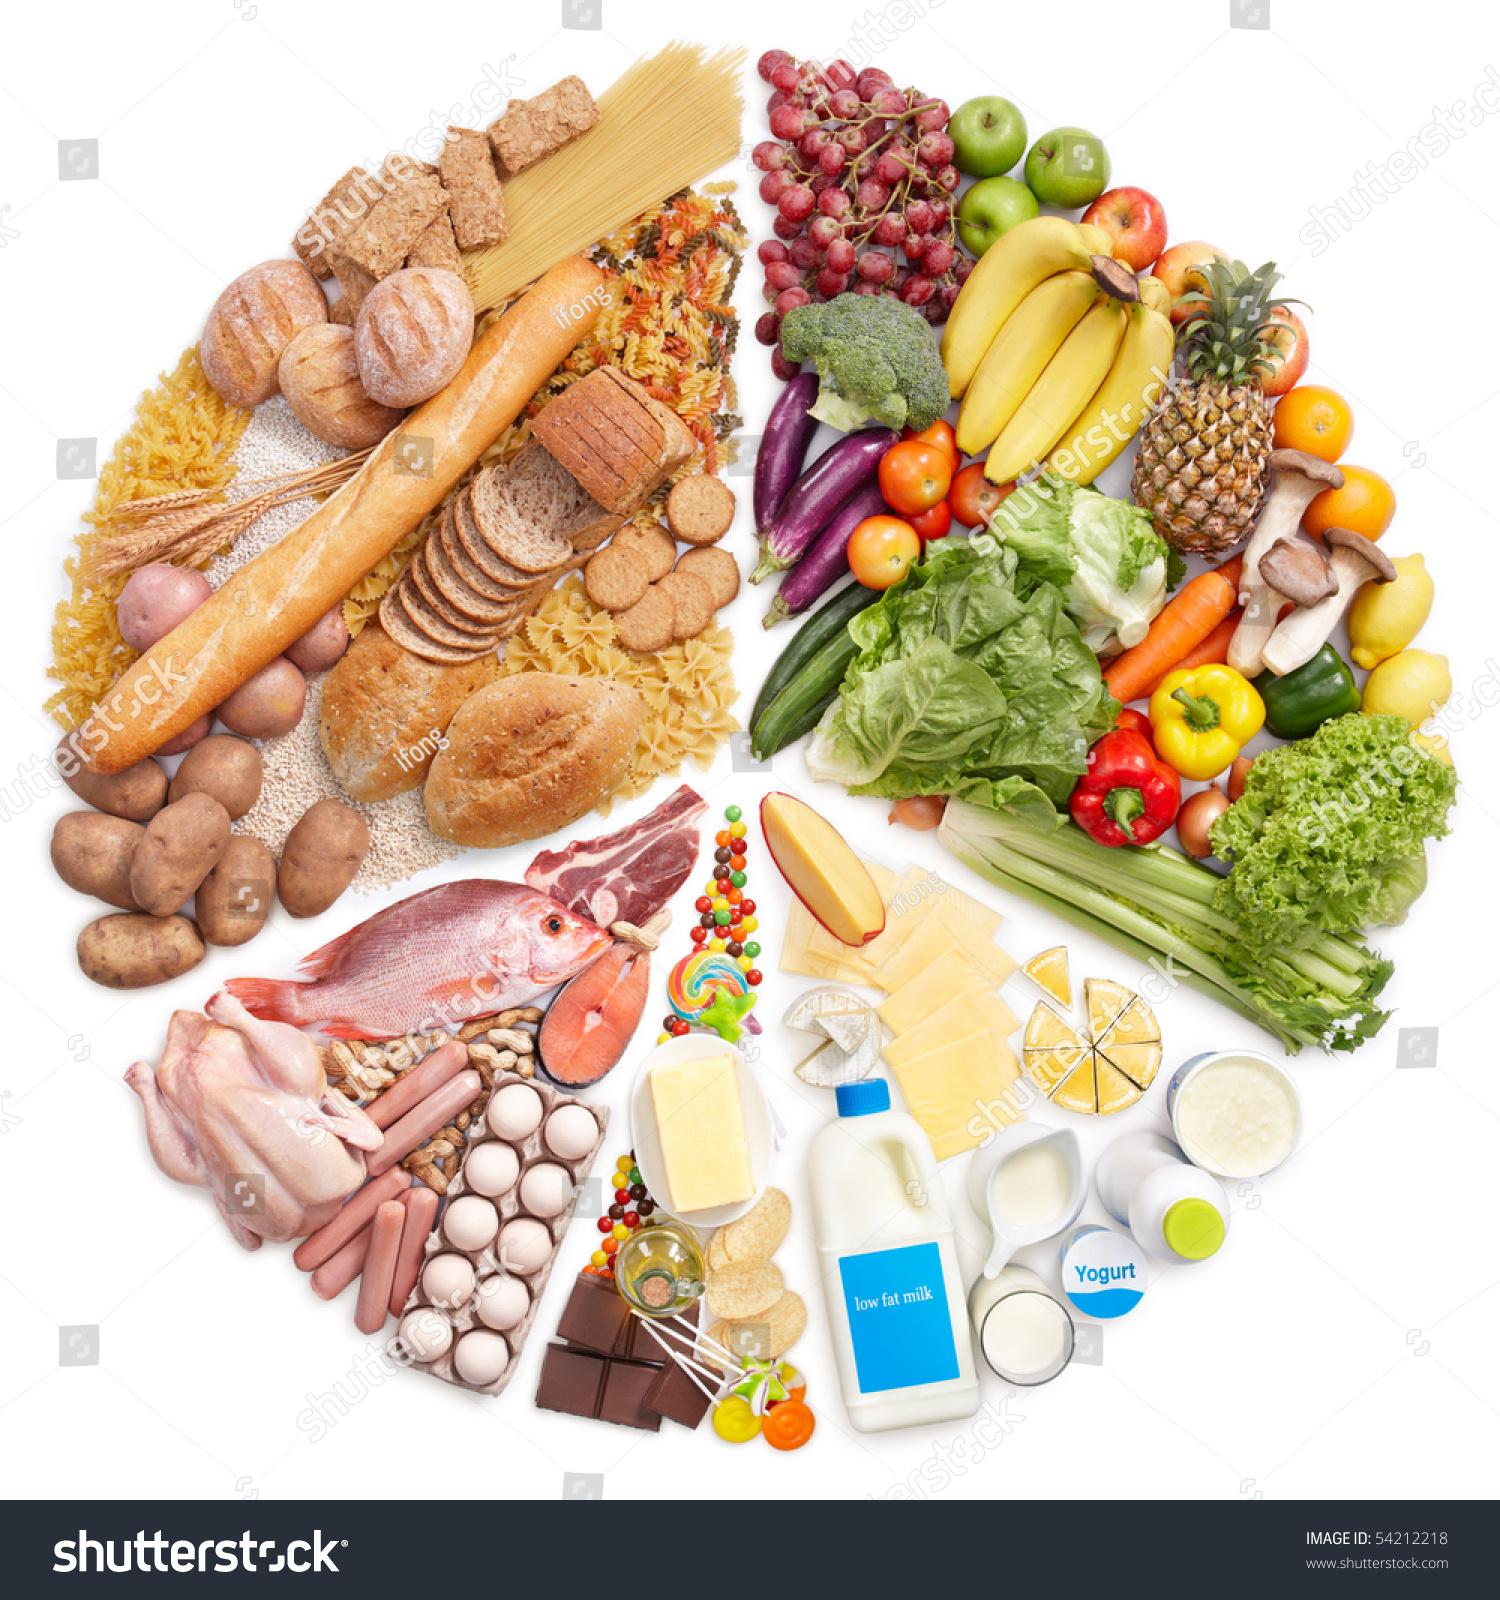 食品金字塔变成了白色背景的饼图-食品及饮料